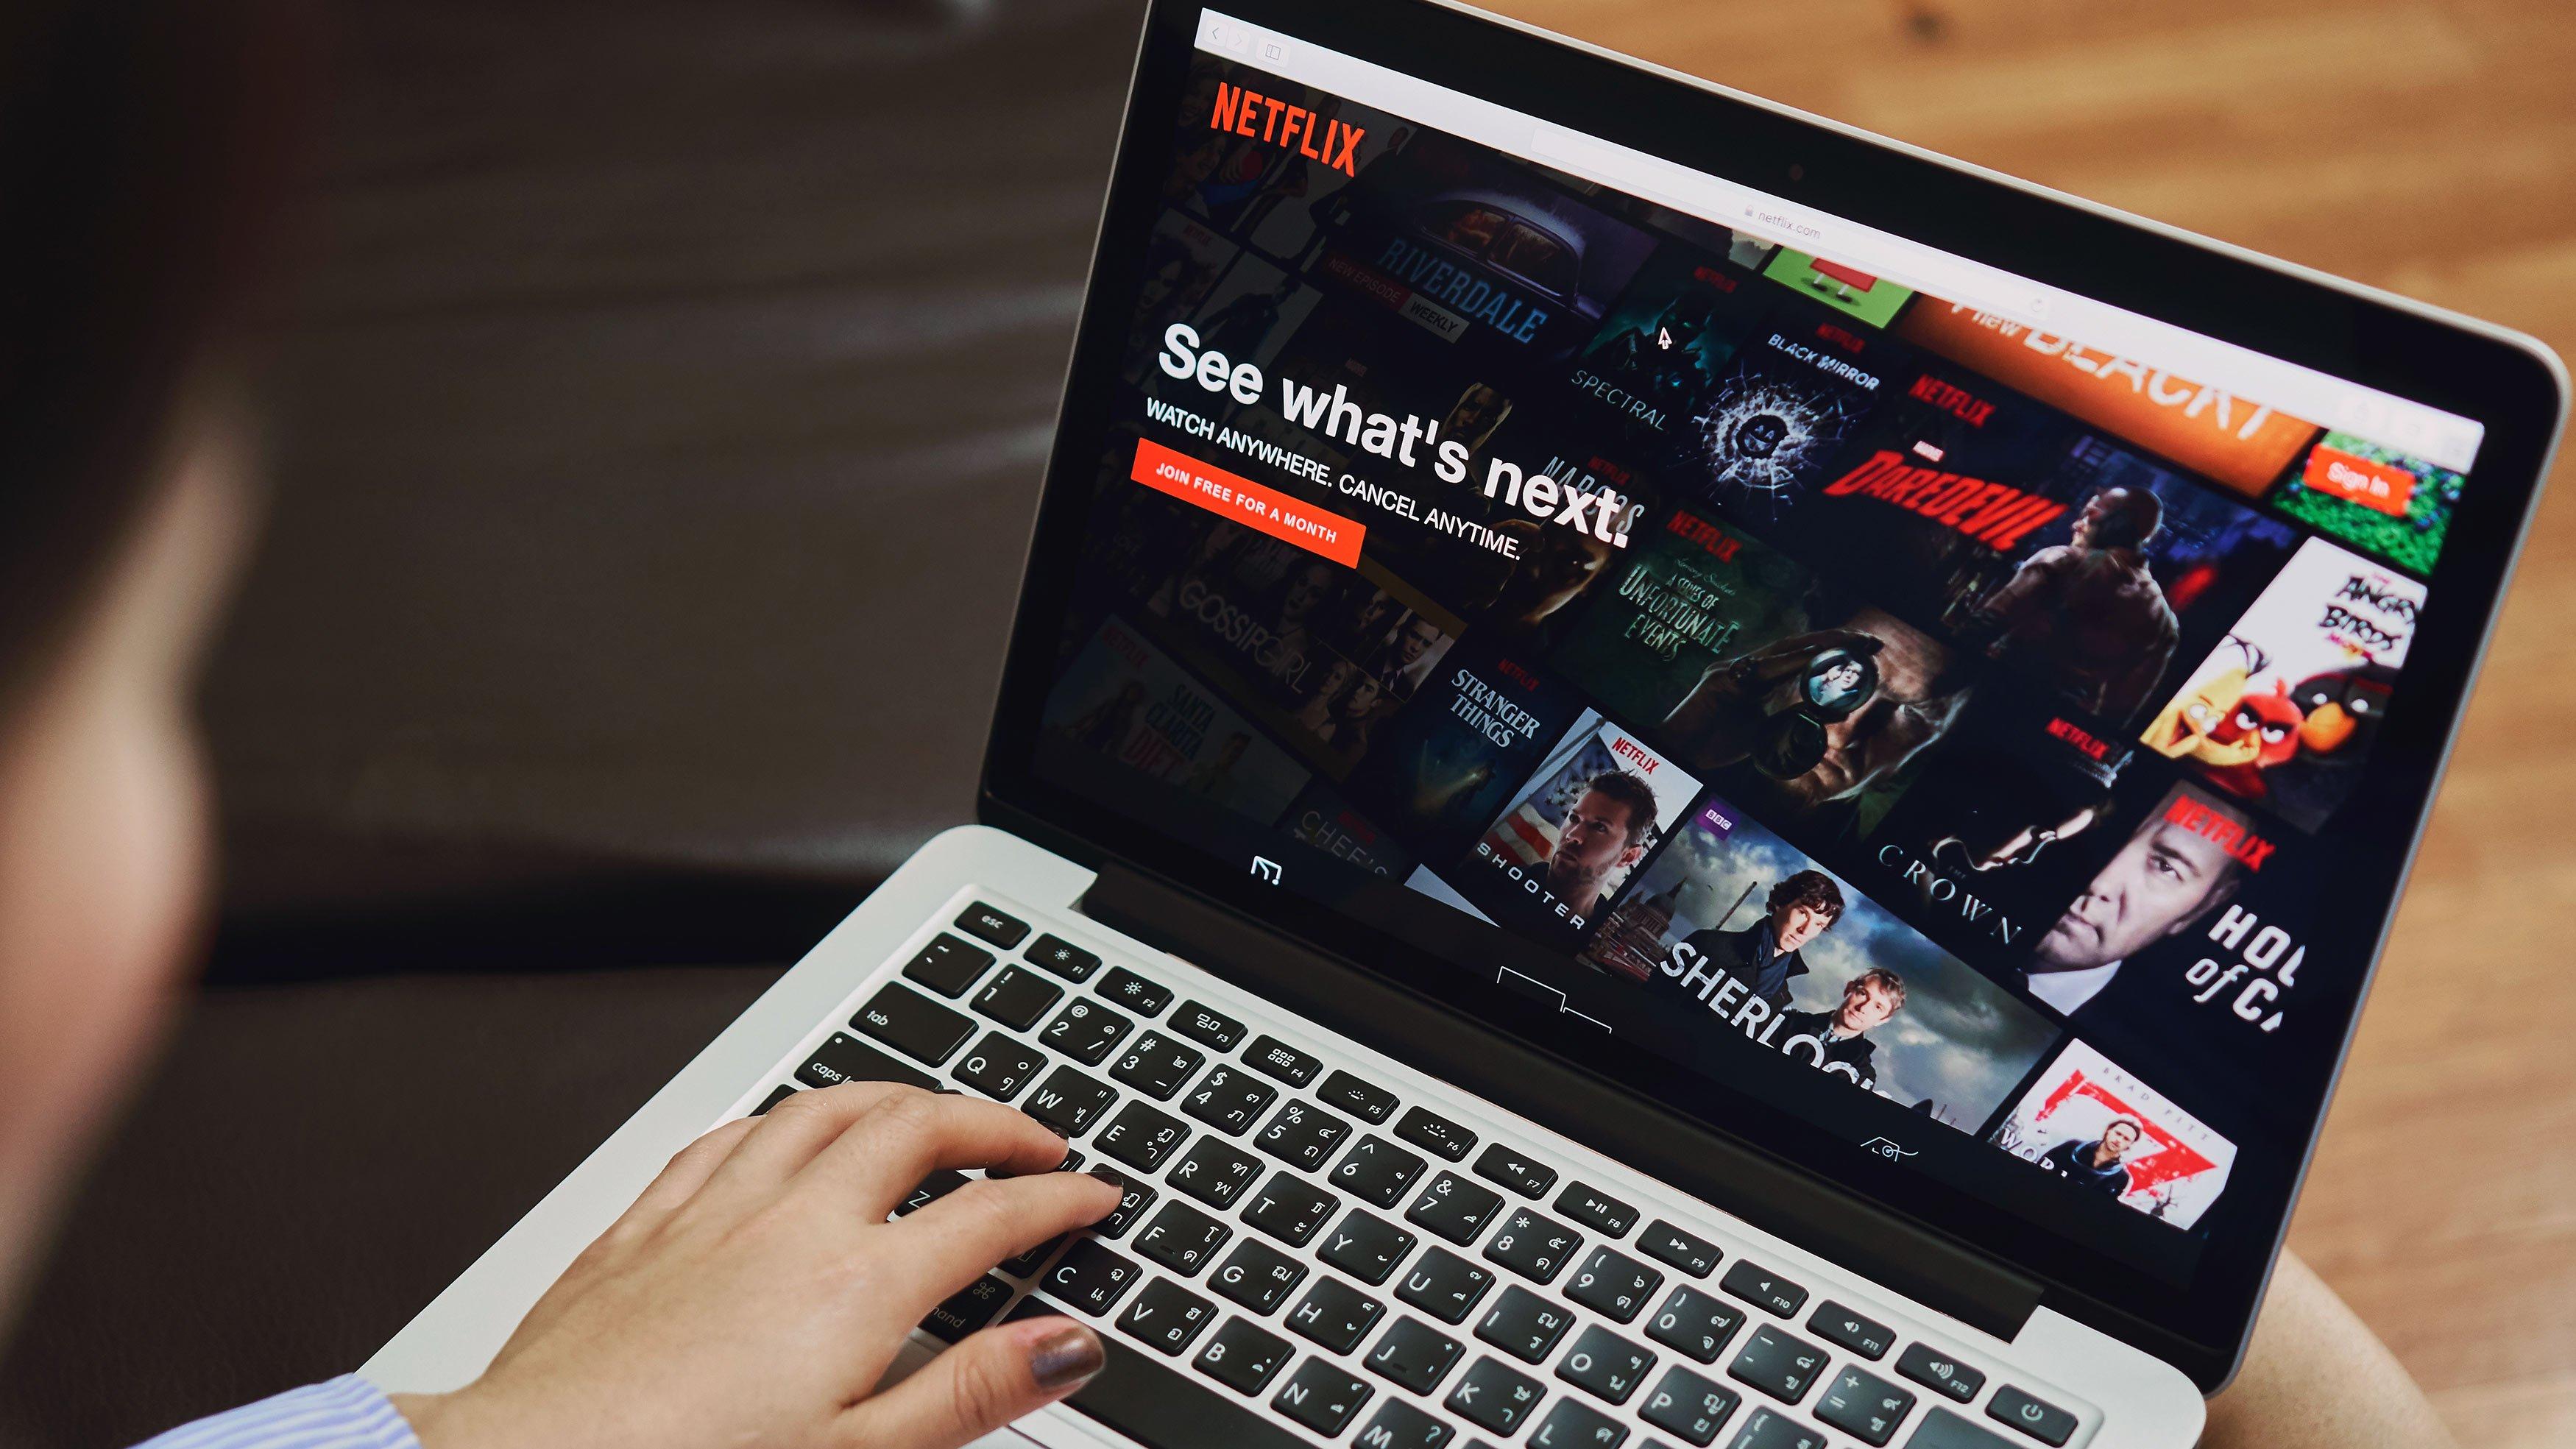 Learning Languages with Netflix, l'extension Chrome pour apprendre une langue sur Netflix